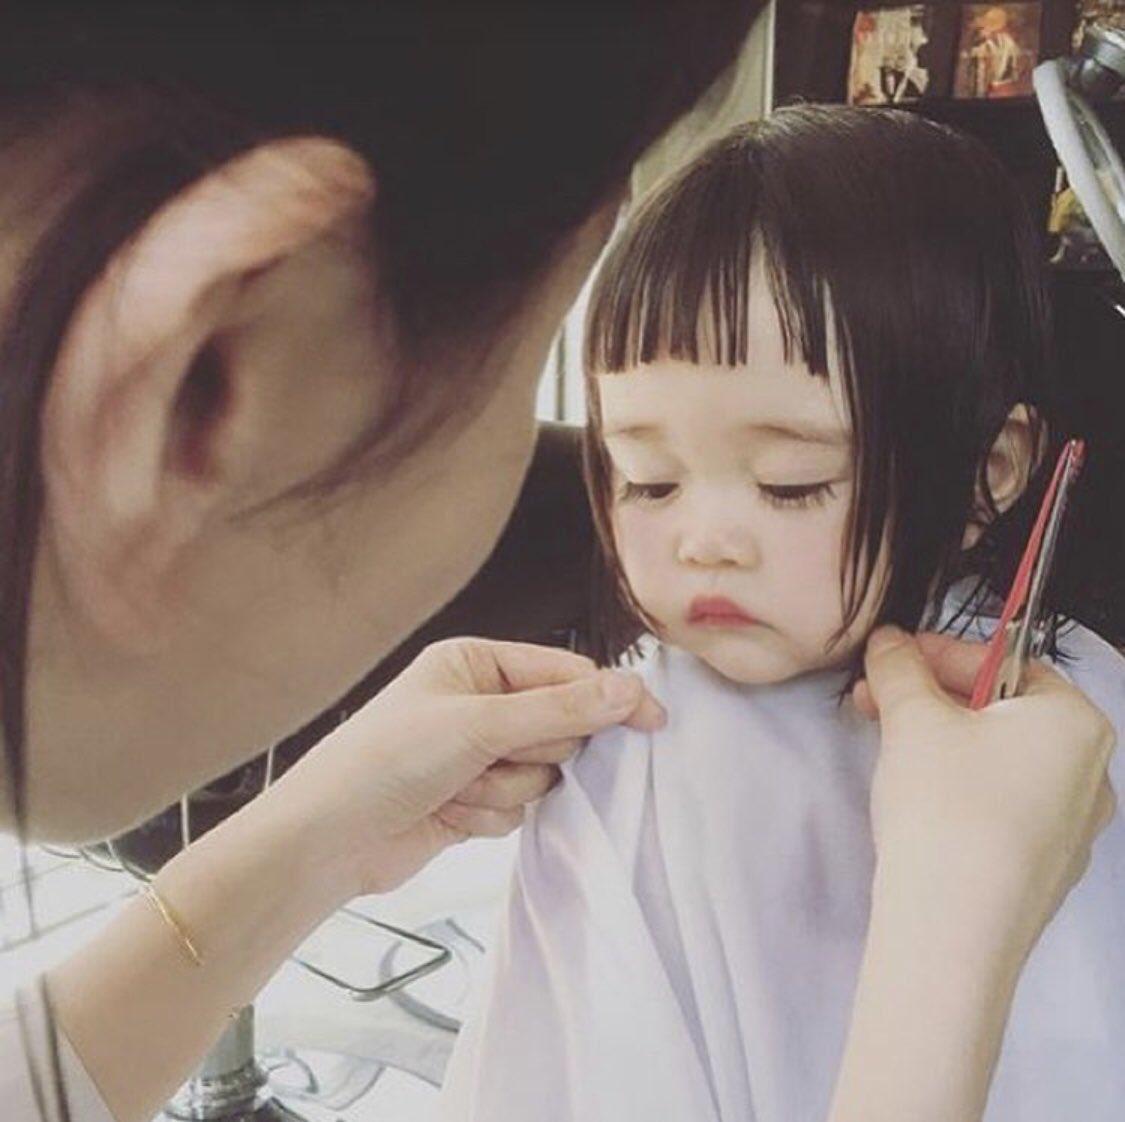 髪の毛ぱっつんの女の子がかわいすぎる